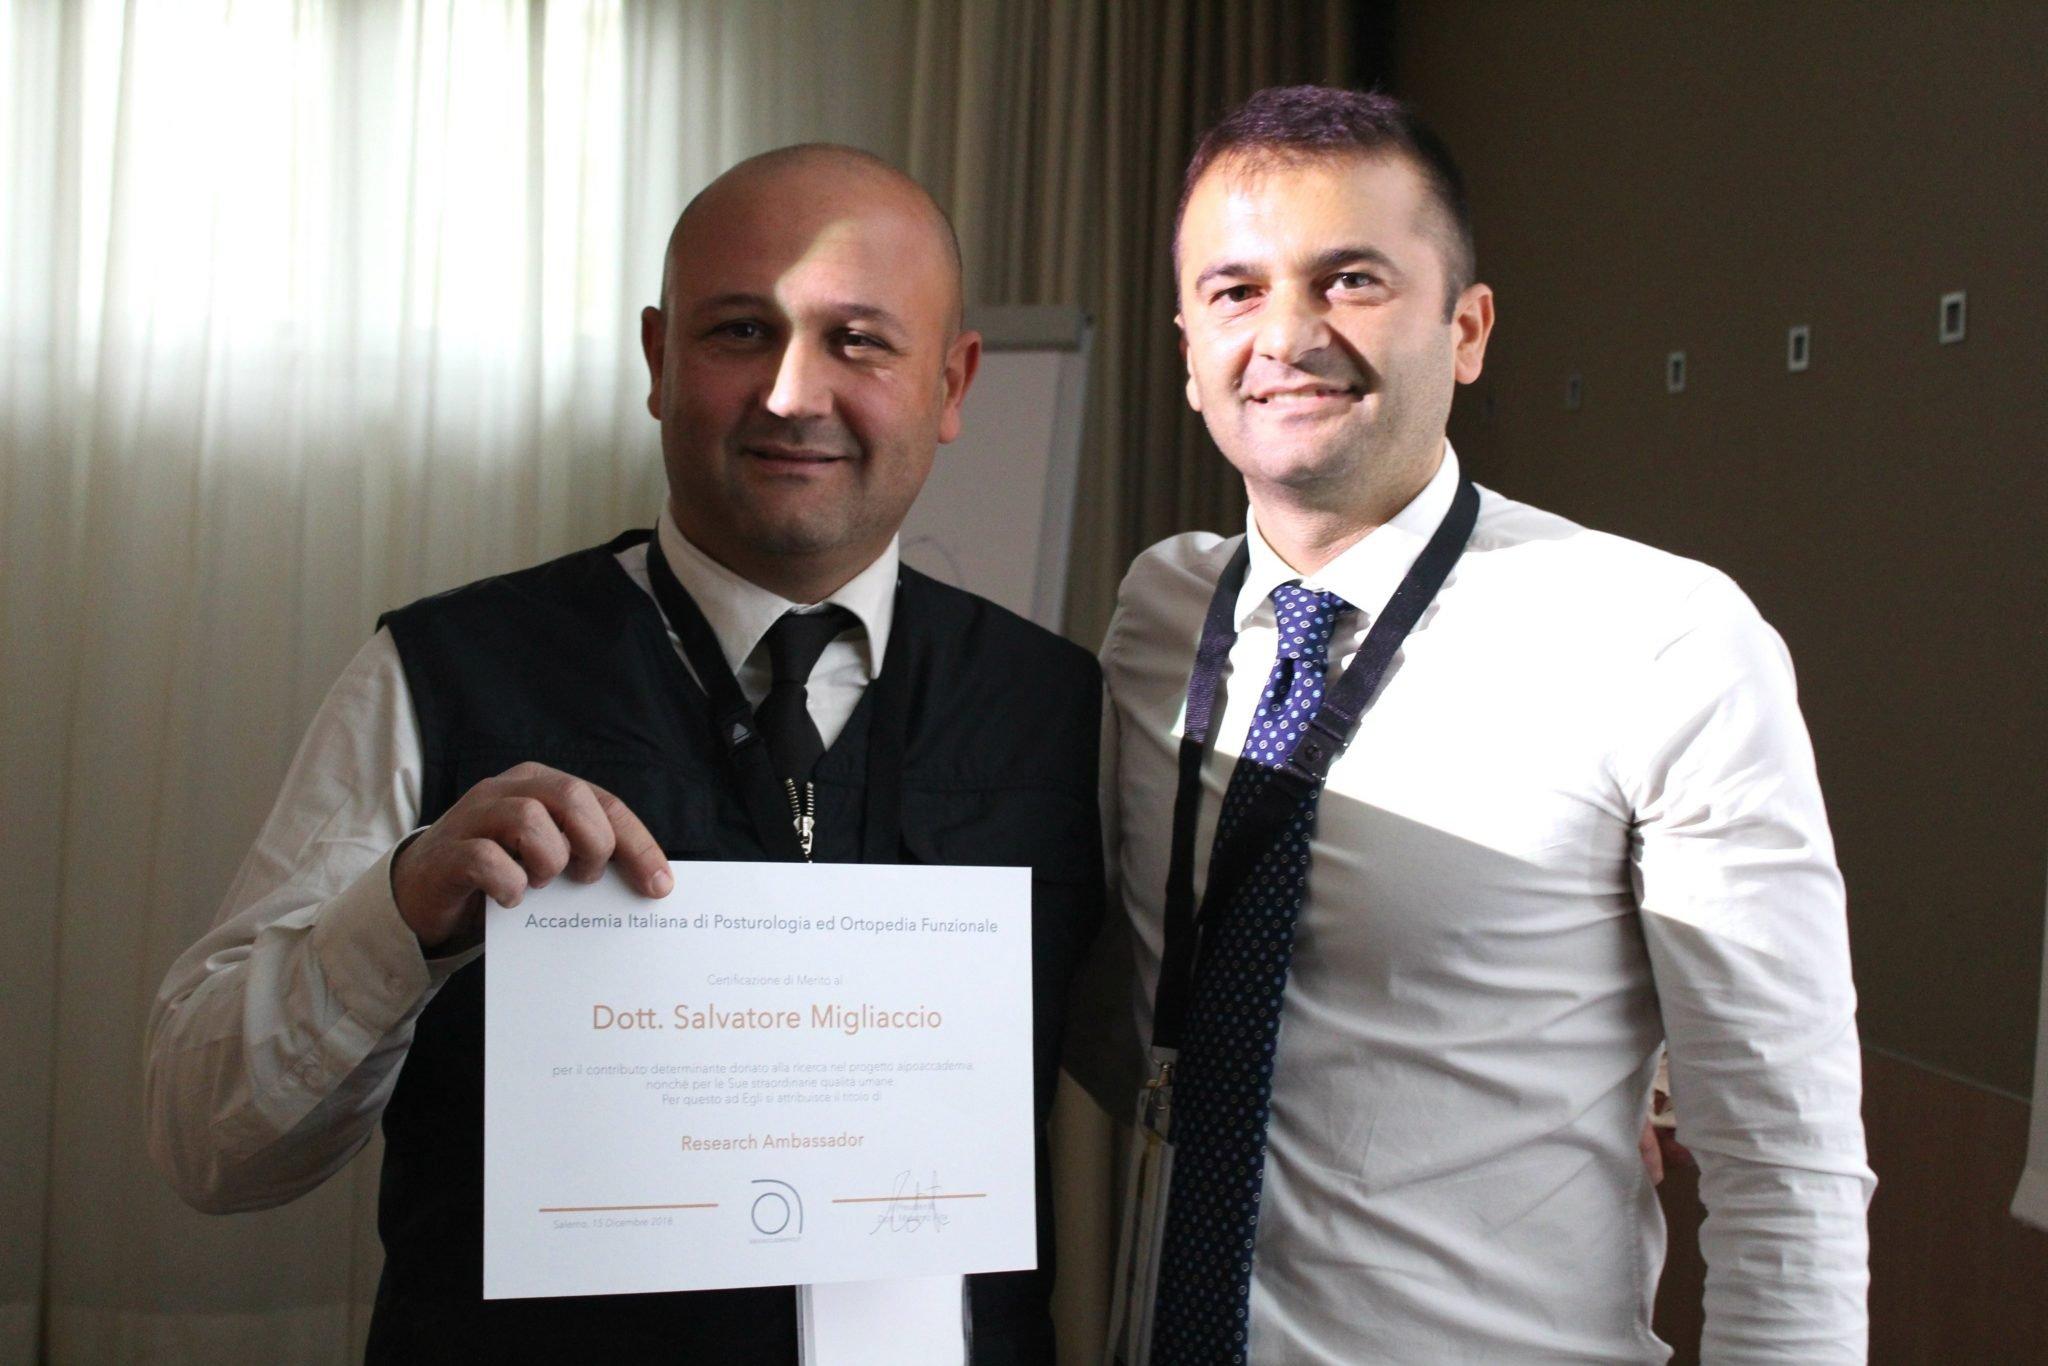 Dott. Salvatore Migliaccio Research Ambassador diaipoaccademia